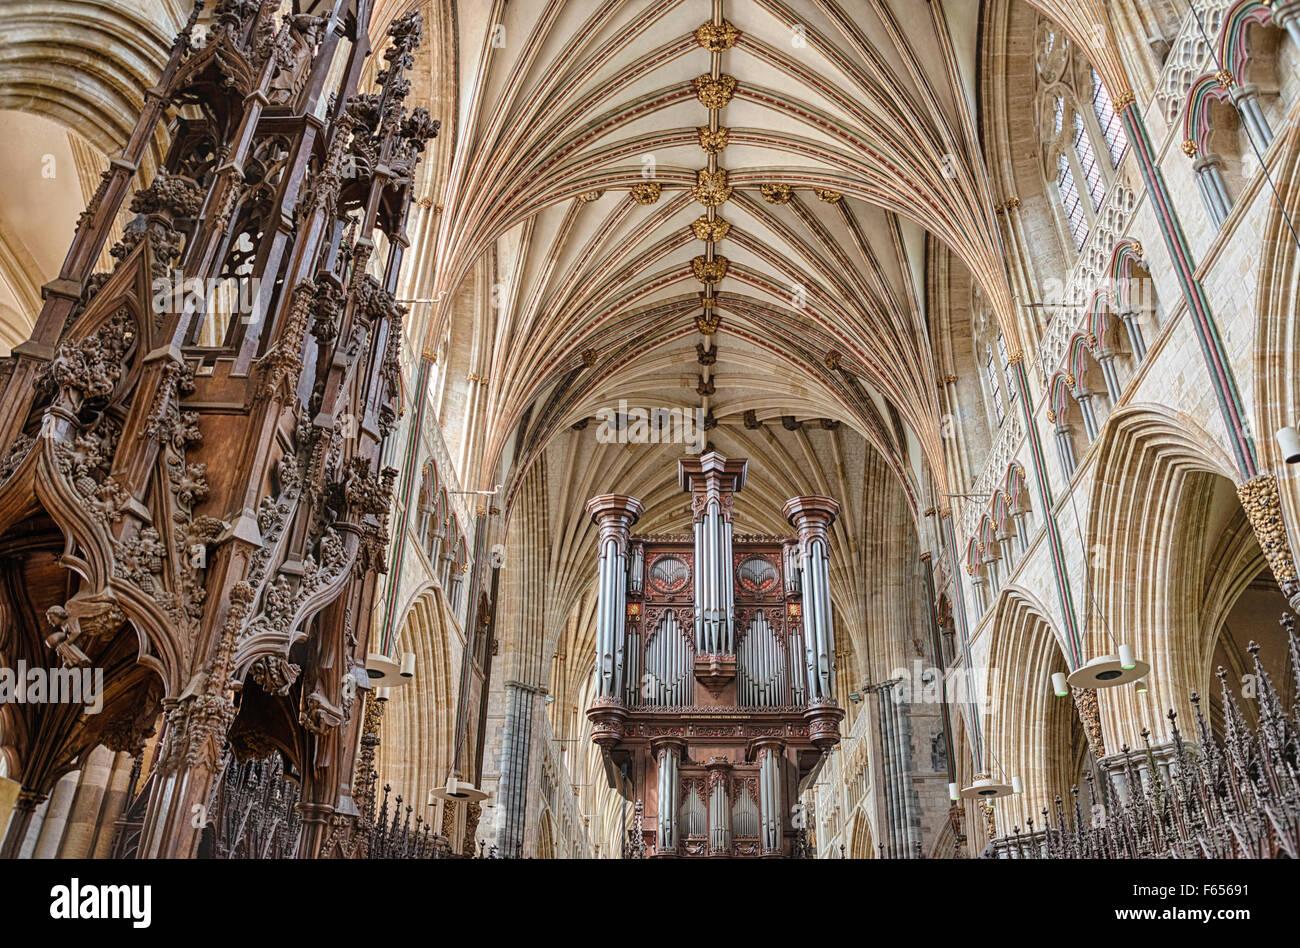 Interni e organo a canne della Cattedrale di Exeter, Devon, Inghilterra, Regno Unito Immagini Stock